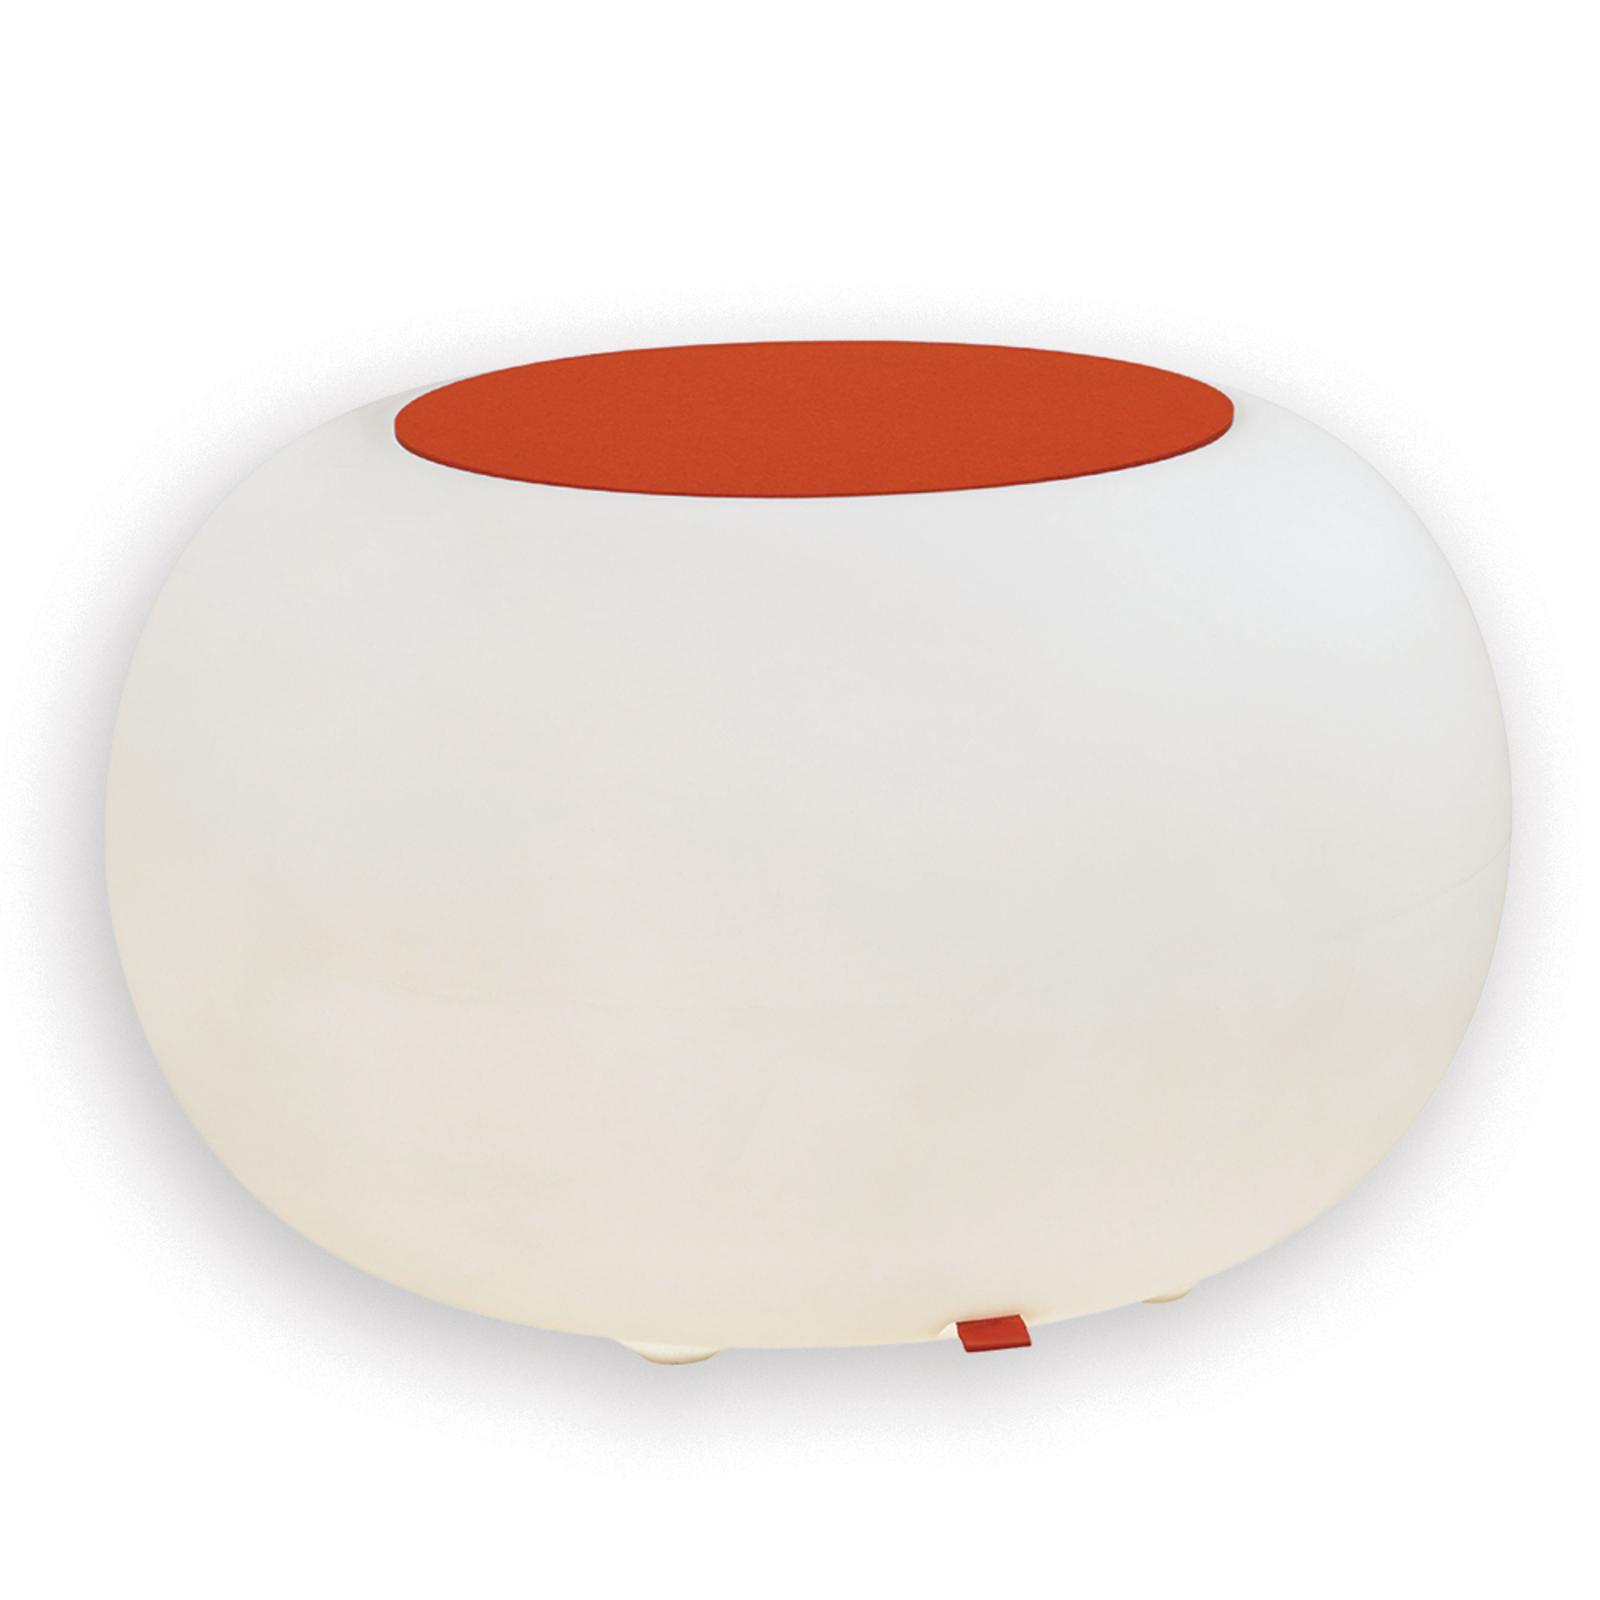 Table d'appoint BUBBLE blanche avec feutre orange